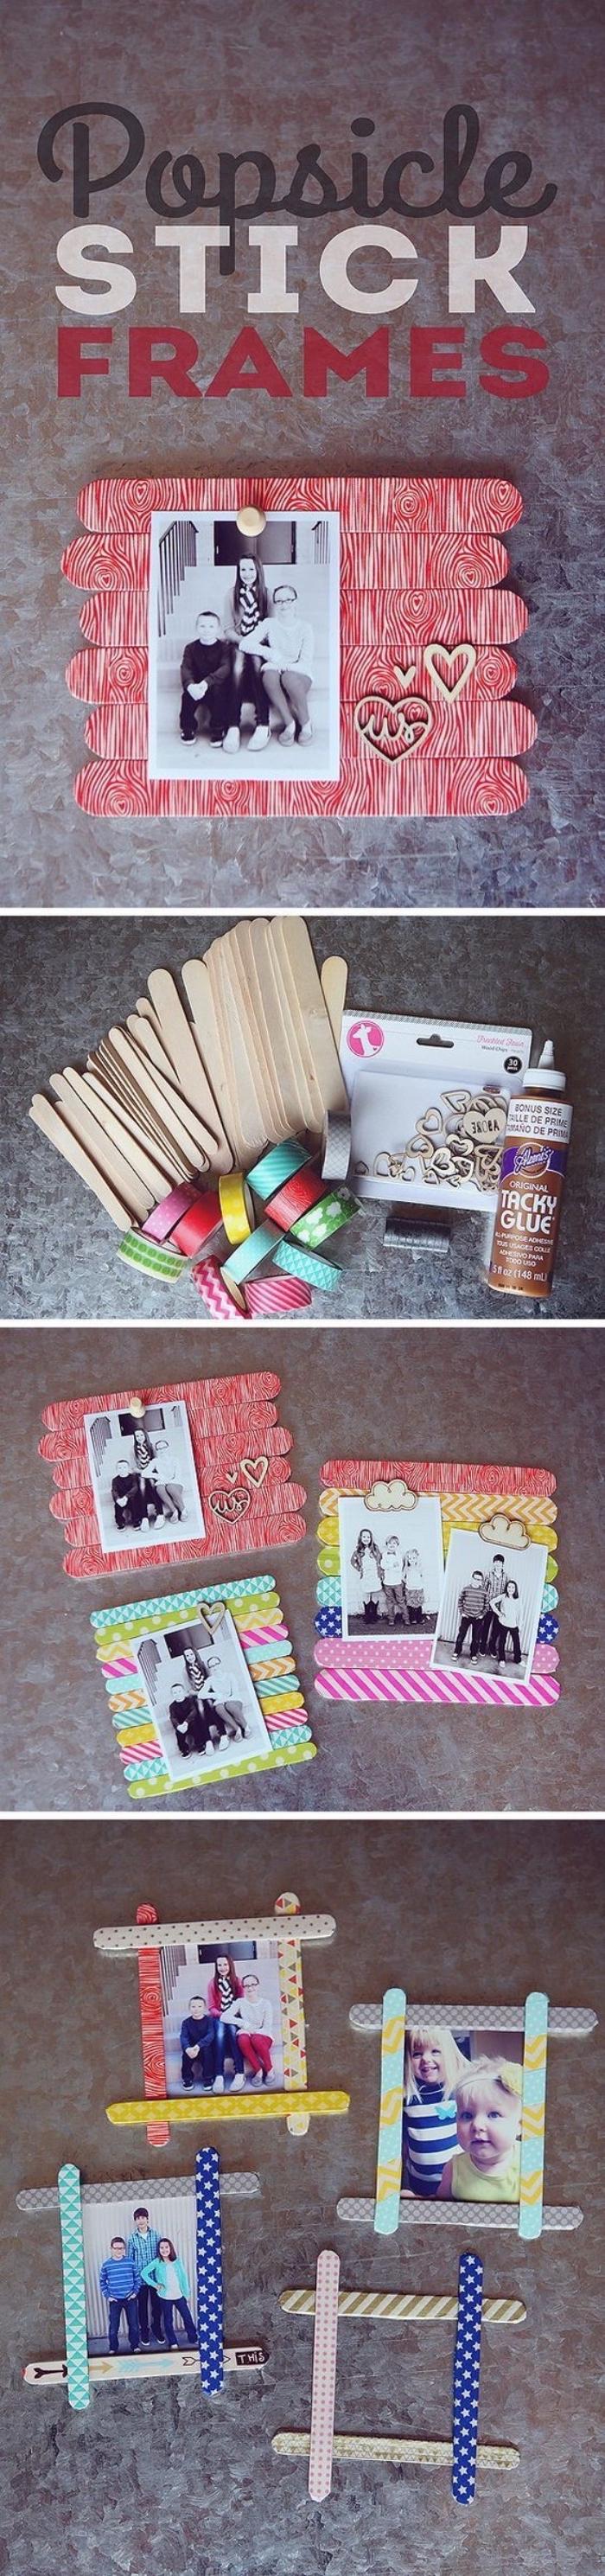 Basteln mit Kleinkindern, Bilderrahmen aus Eisstäbchen machen, einfache und schöne DIY Anleitungen